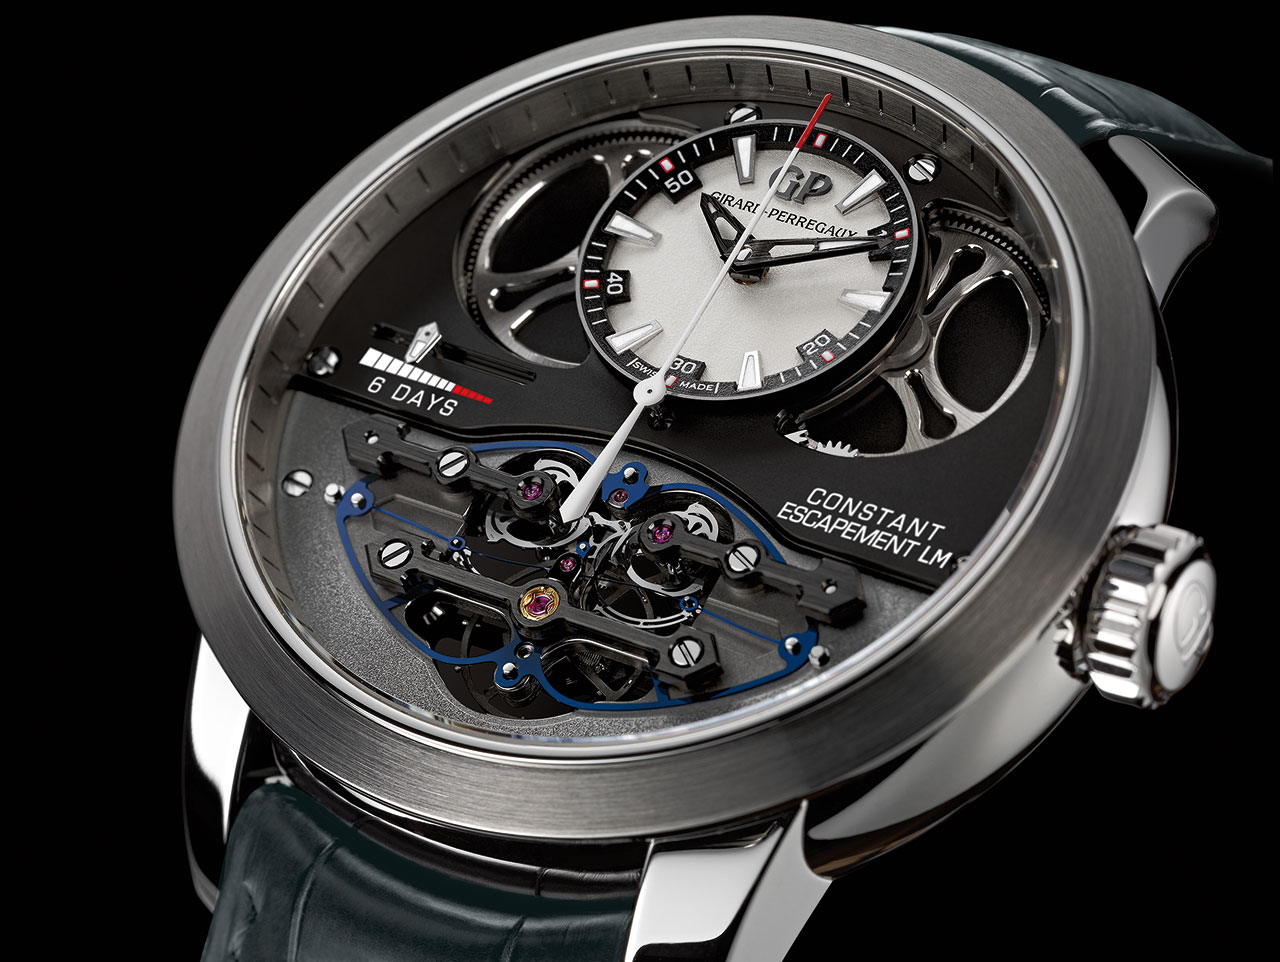 Girard-Perregaux Constant Escapement L.M. Mechanical Watch